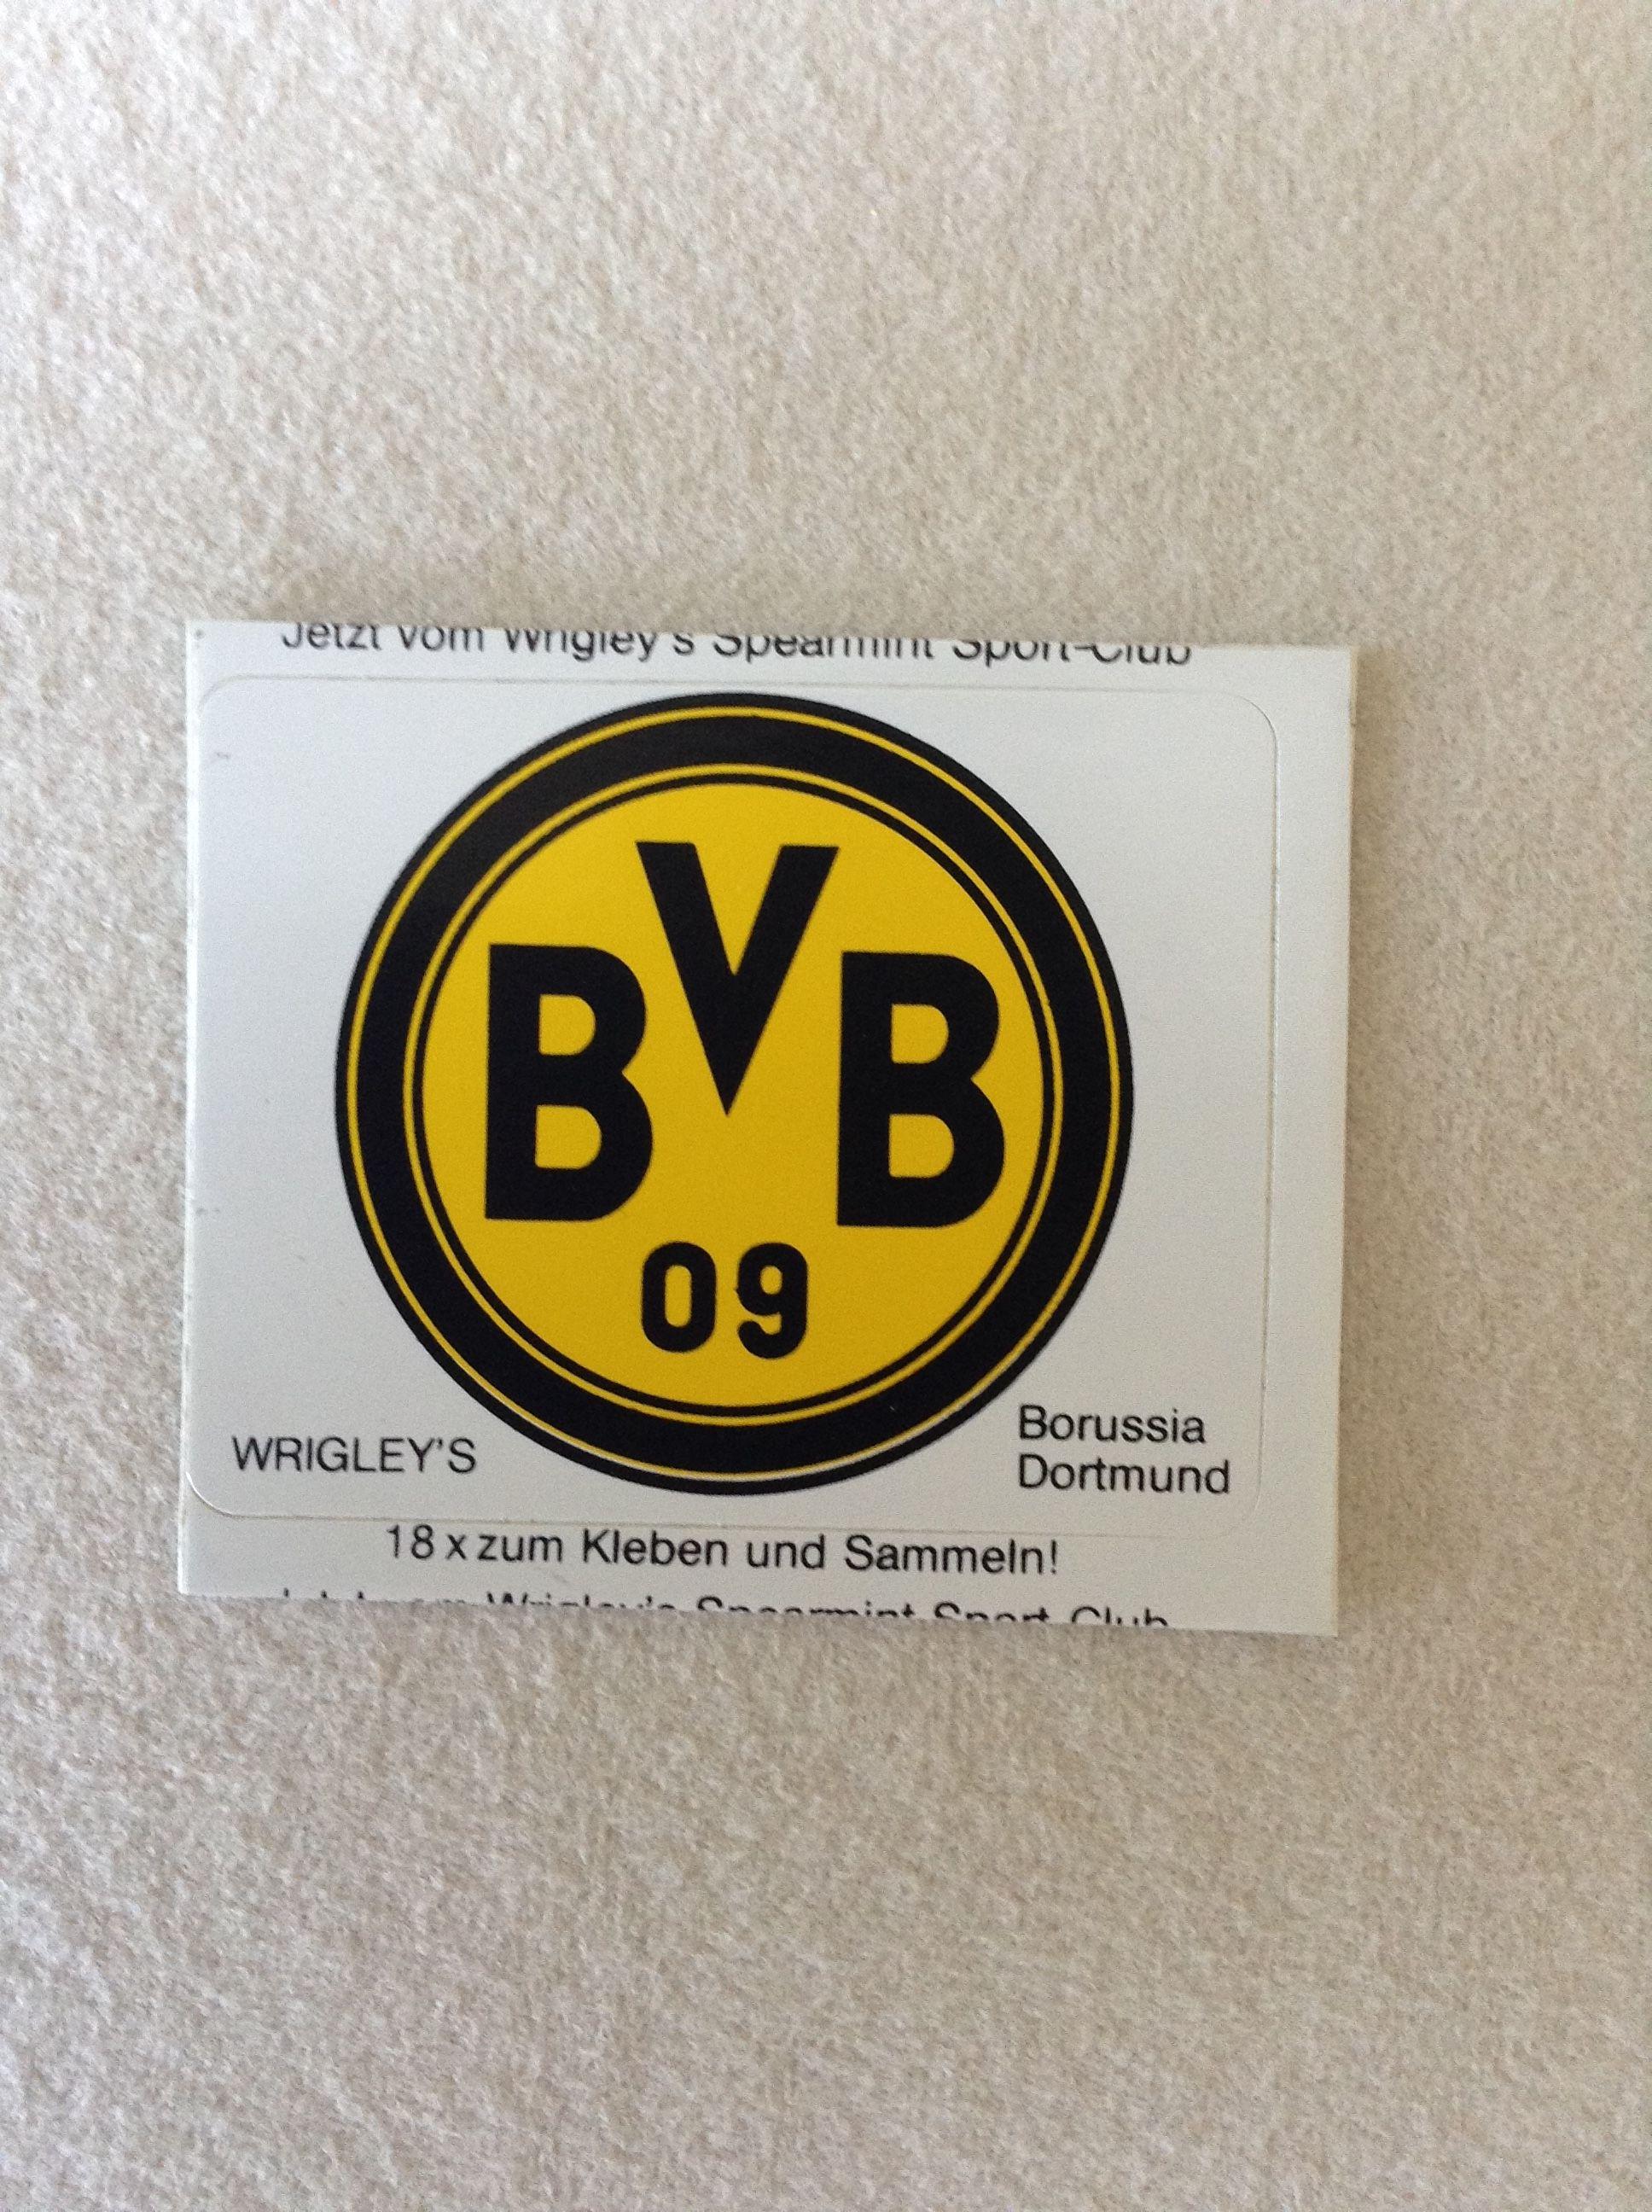 Wrigleys Bvb 09 Dortmund Sticker Als Den 70er 80er Jahren Diese Fussballsticker Waren Eine Zeitlang In Den Kaugummi Mehrfachpacks Dabei Dortmund Bvb Borussia